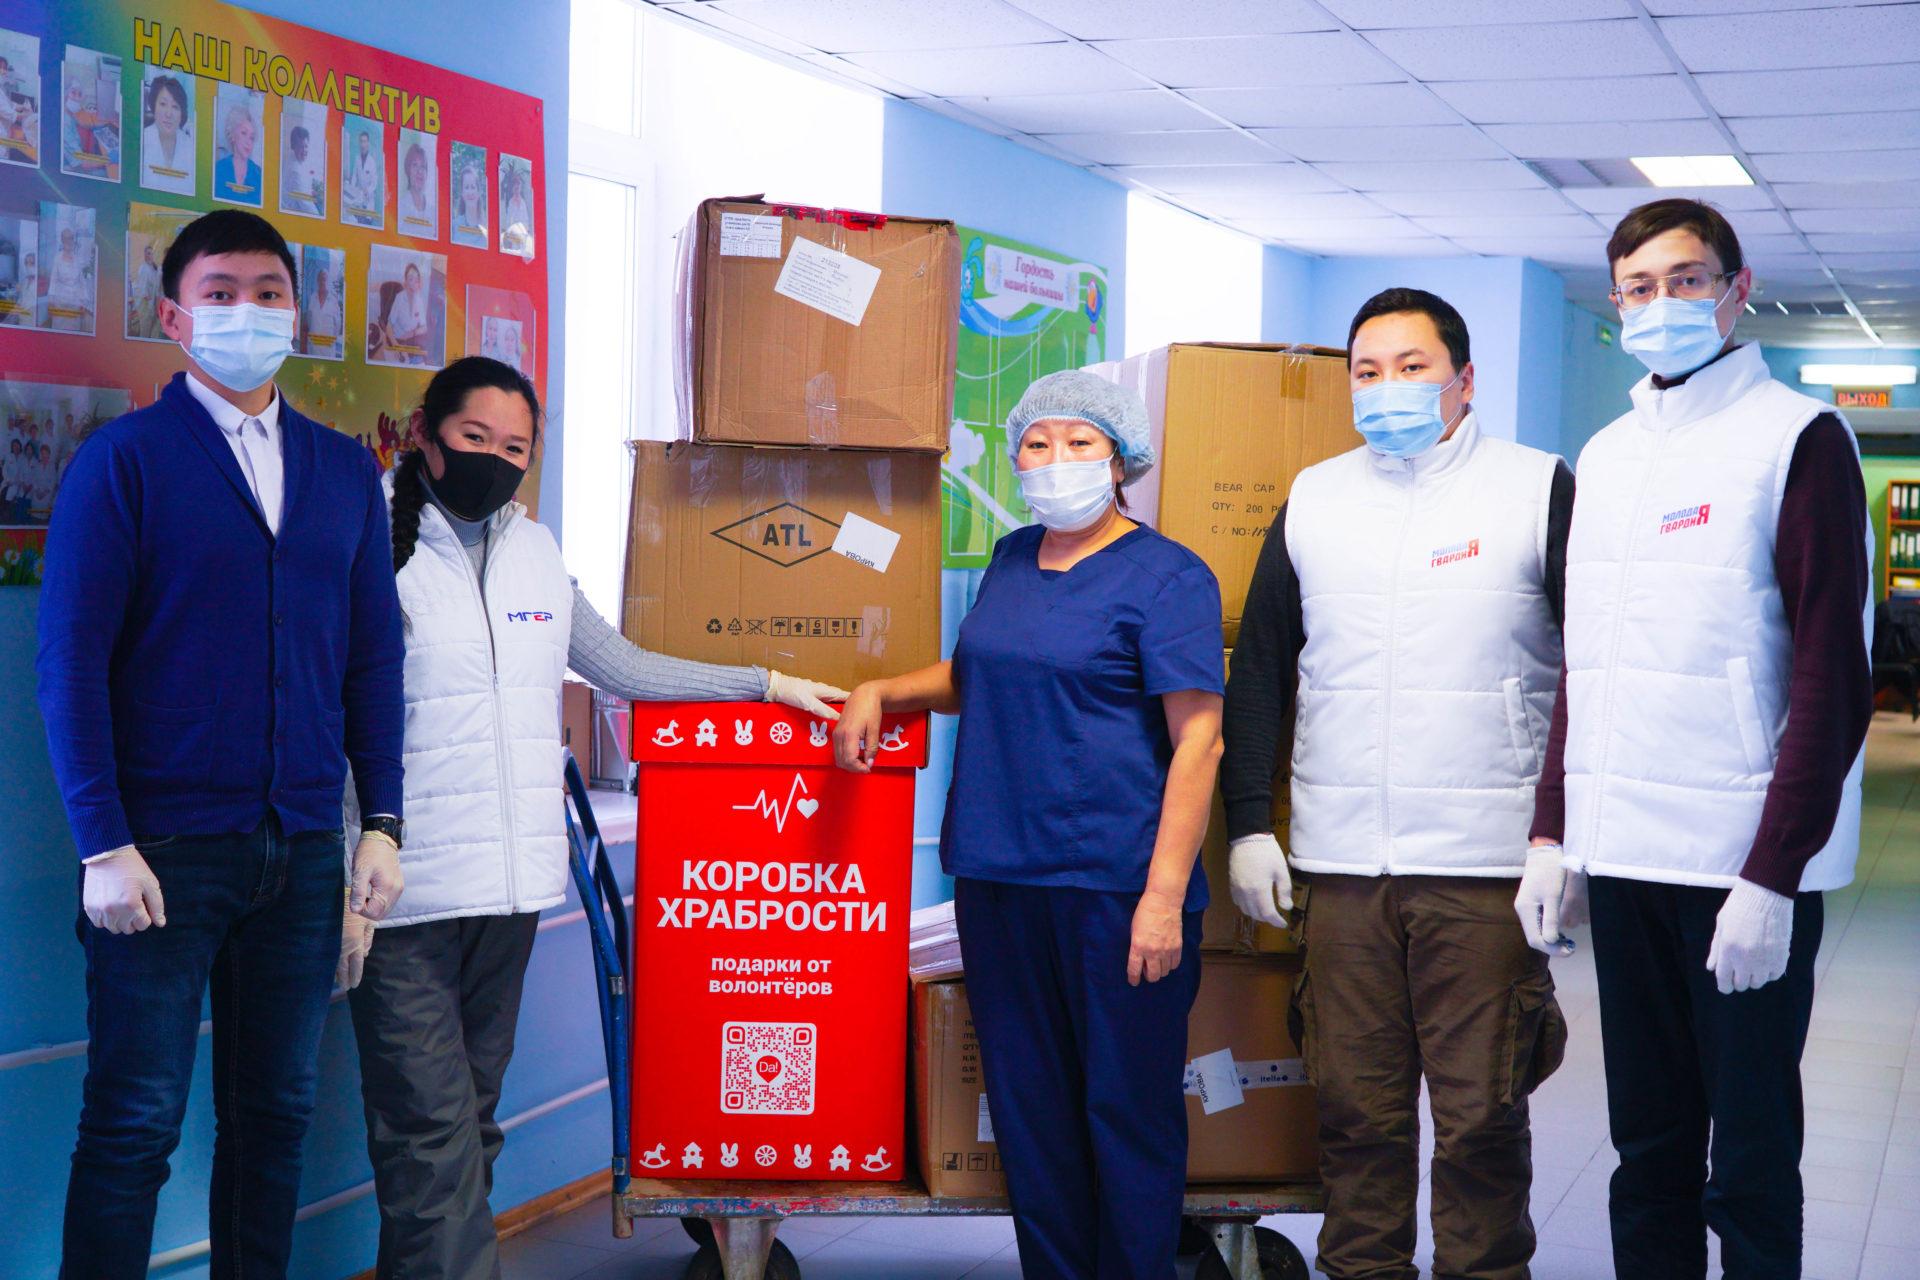 Сторонниками Единой России собрано более 2 тысяч подарков для детей, лечащихся в больницах